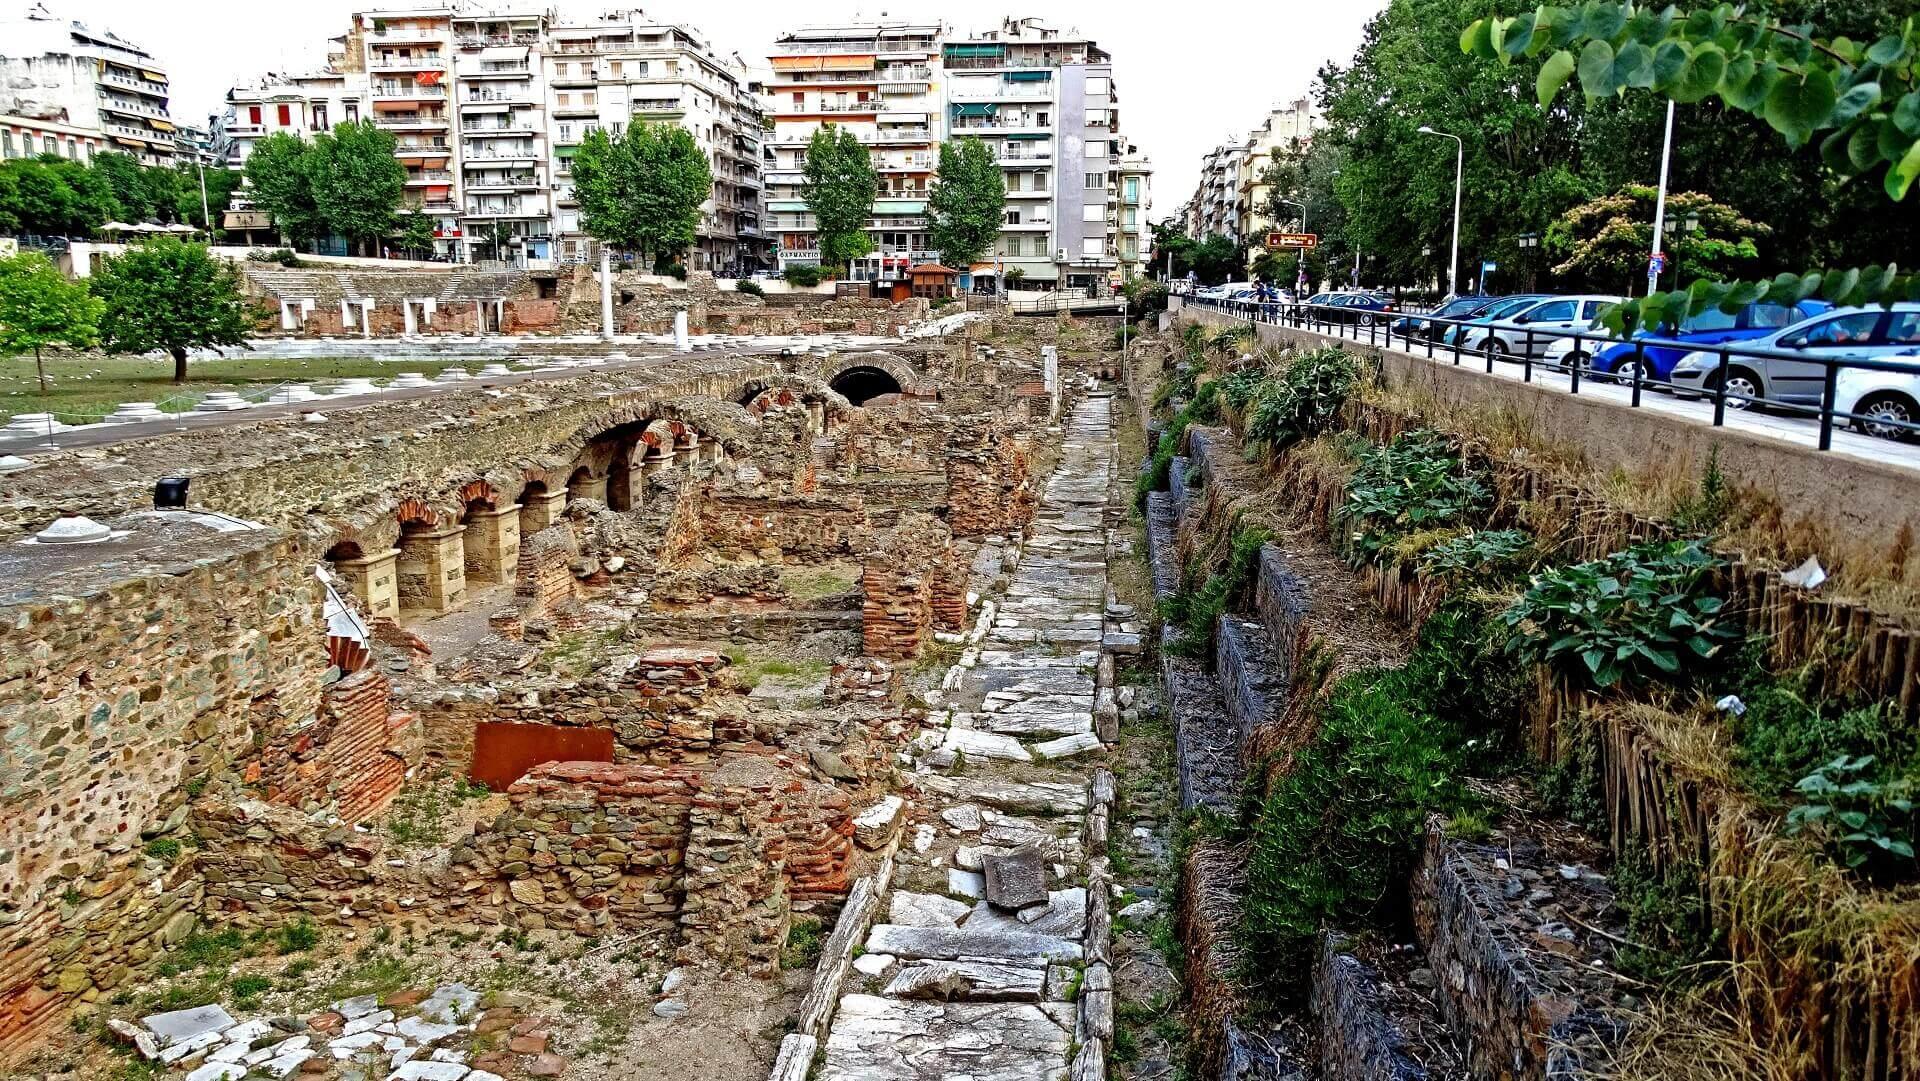 Ρωμαϊκή Αγορά της Θεσσαλονίκης - Αρχαιολογικοί Χώροι Θεσσαλονίκης